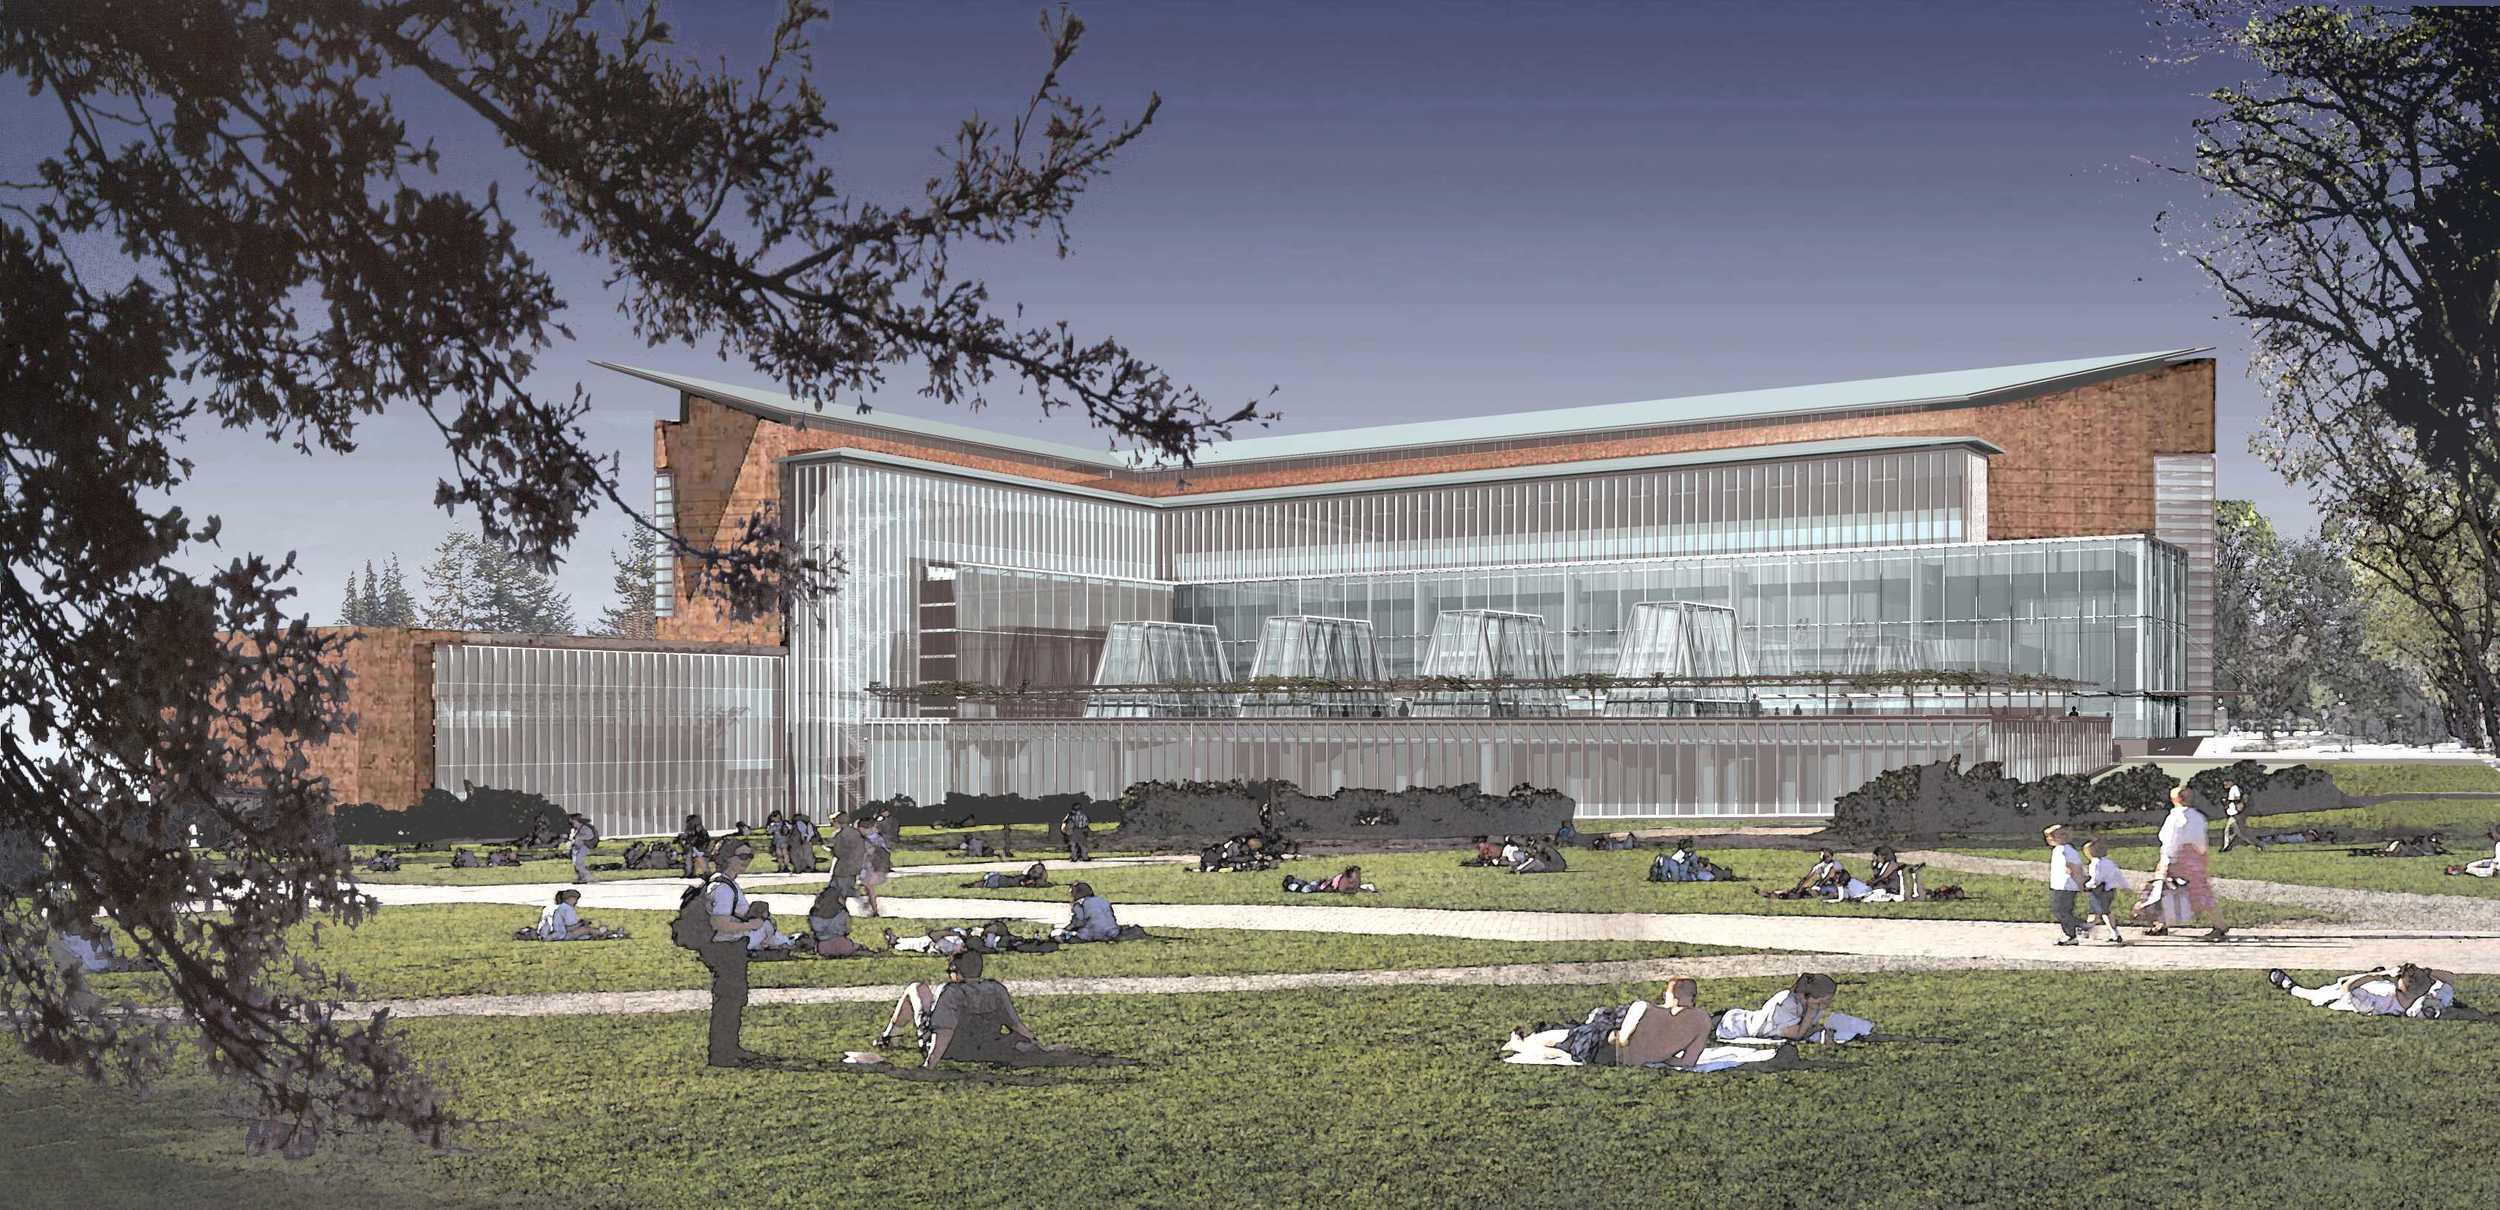 UW Law School